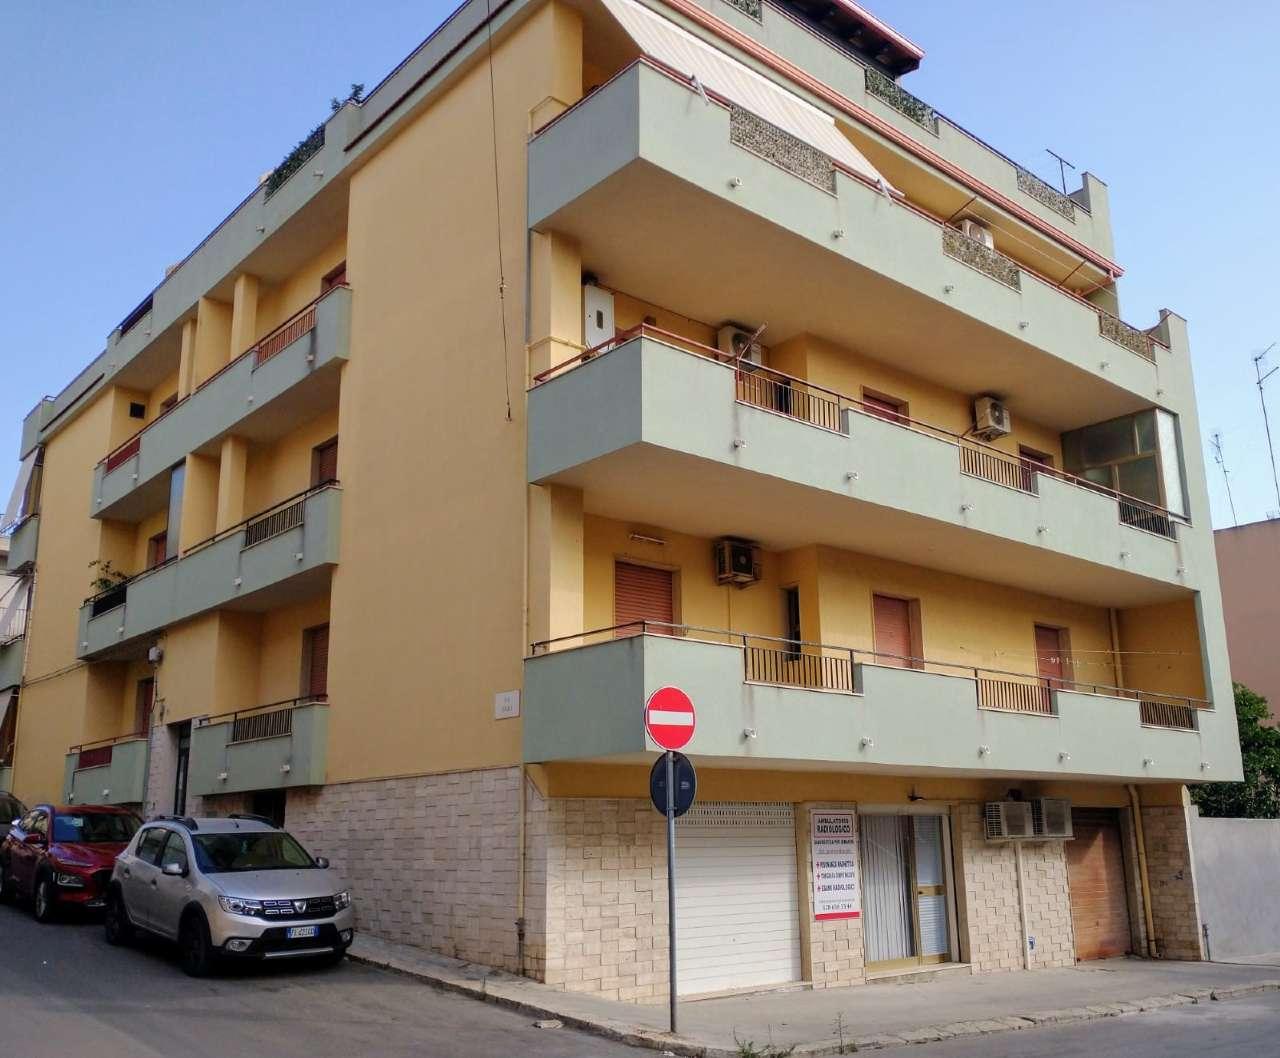 Appartamento in vendita a Pozzallo, 6 locali, prezzo € 98.000 | PortaleAgenzieImmobiliari.it